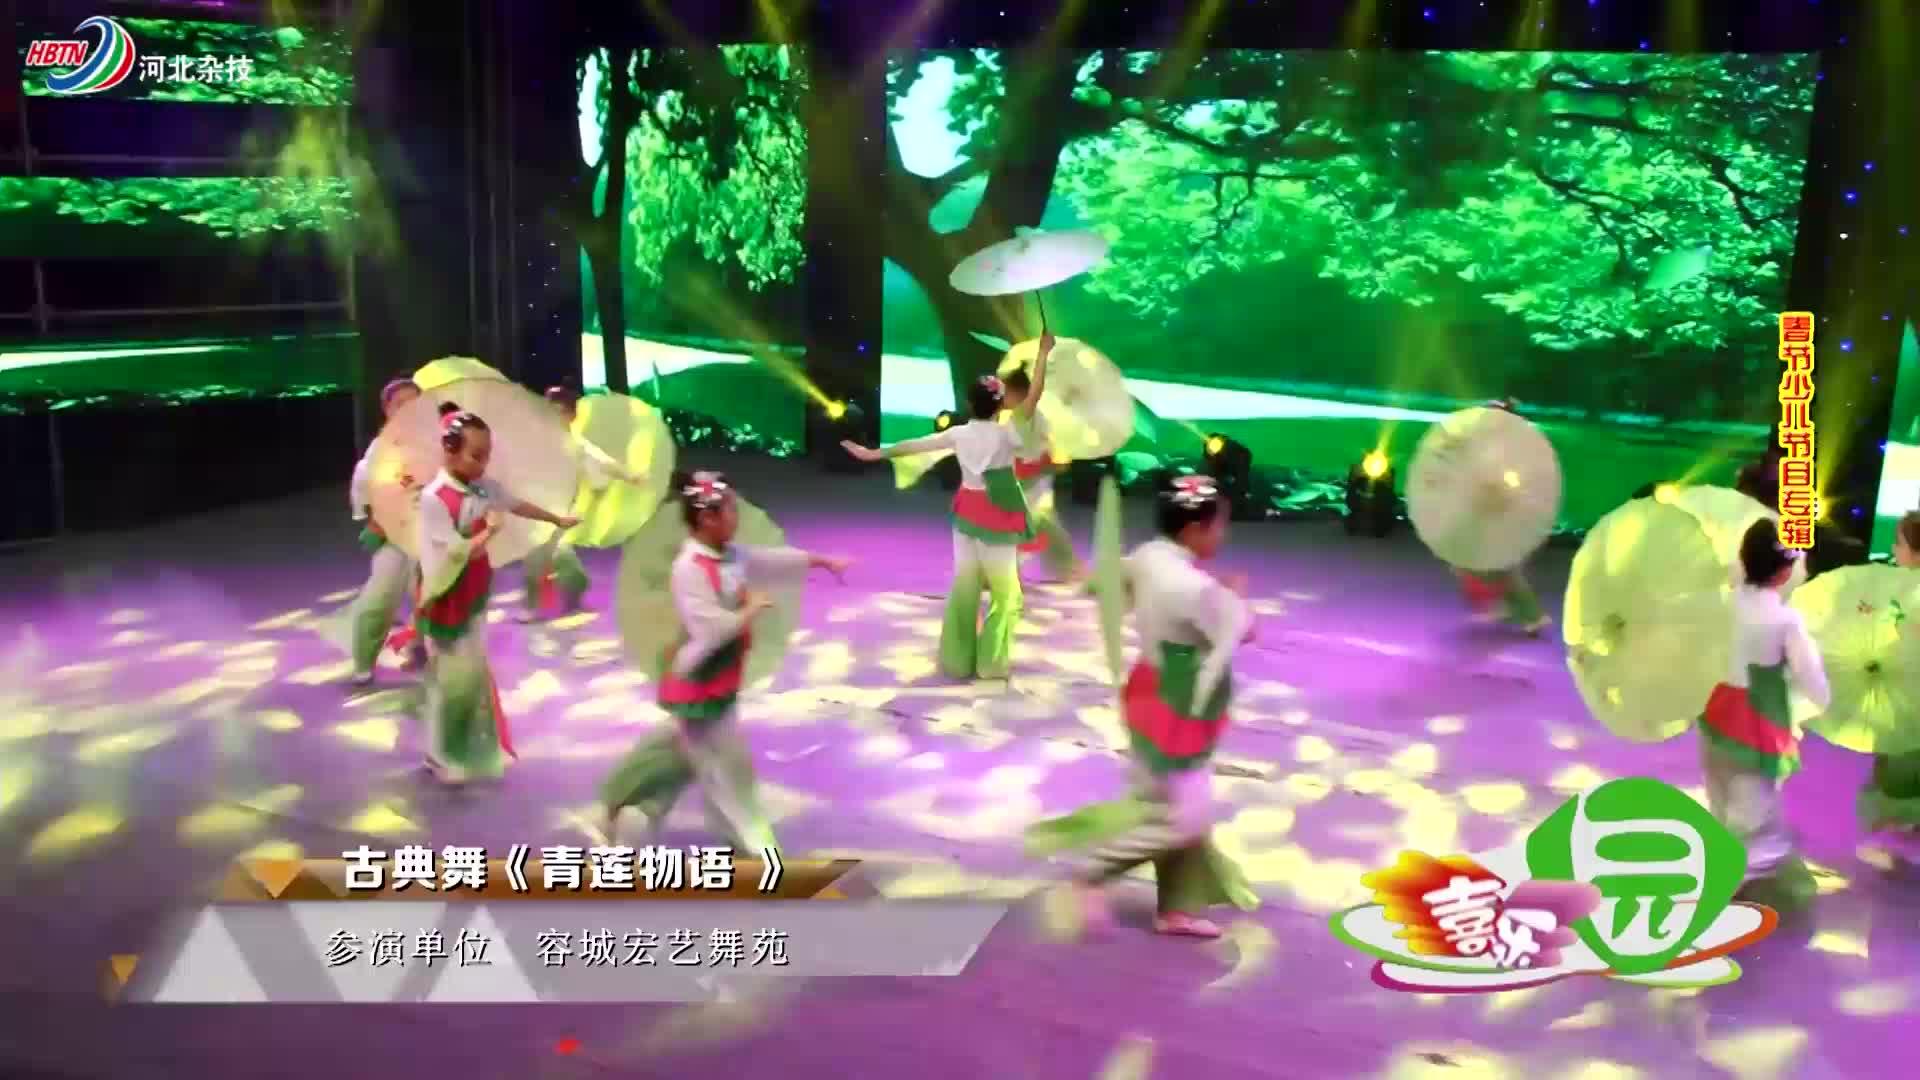 古典舞《青恋物语》女孩们动作整齐一致,跳的太美了